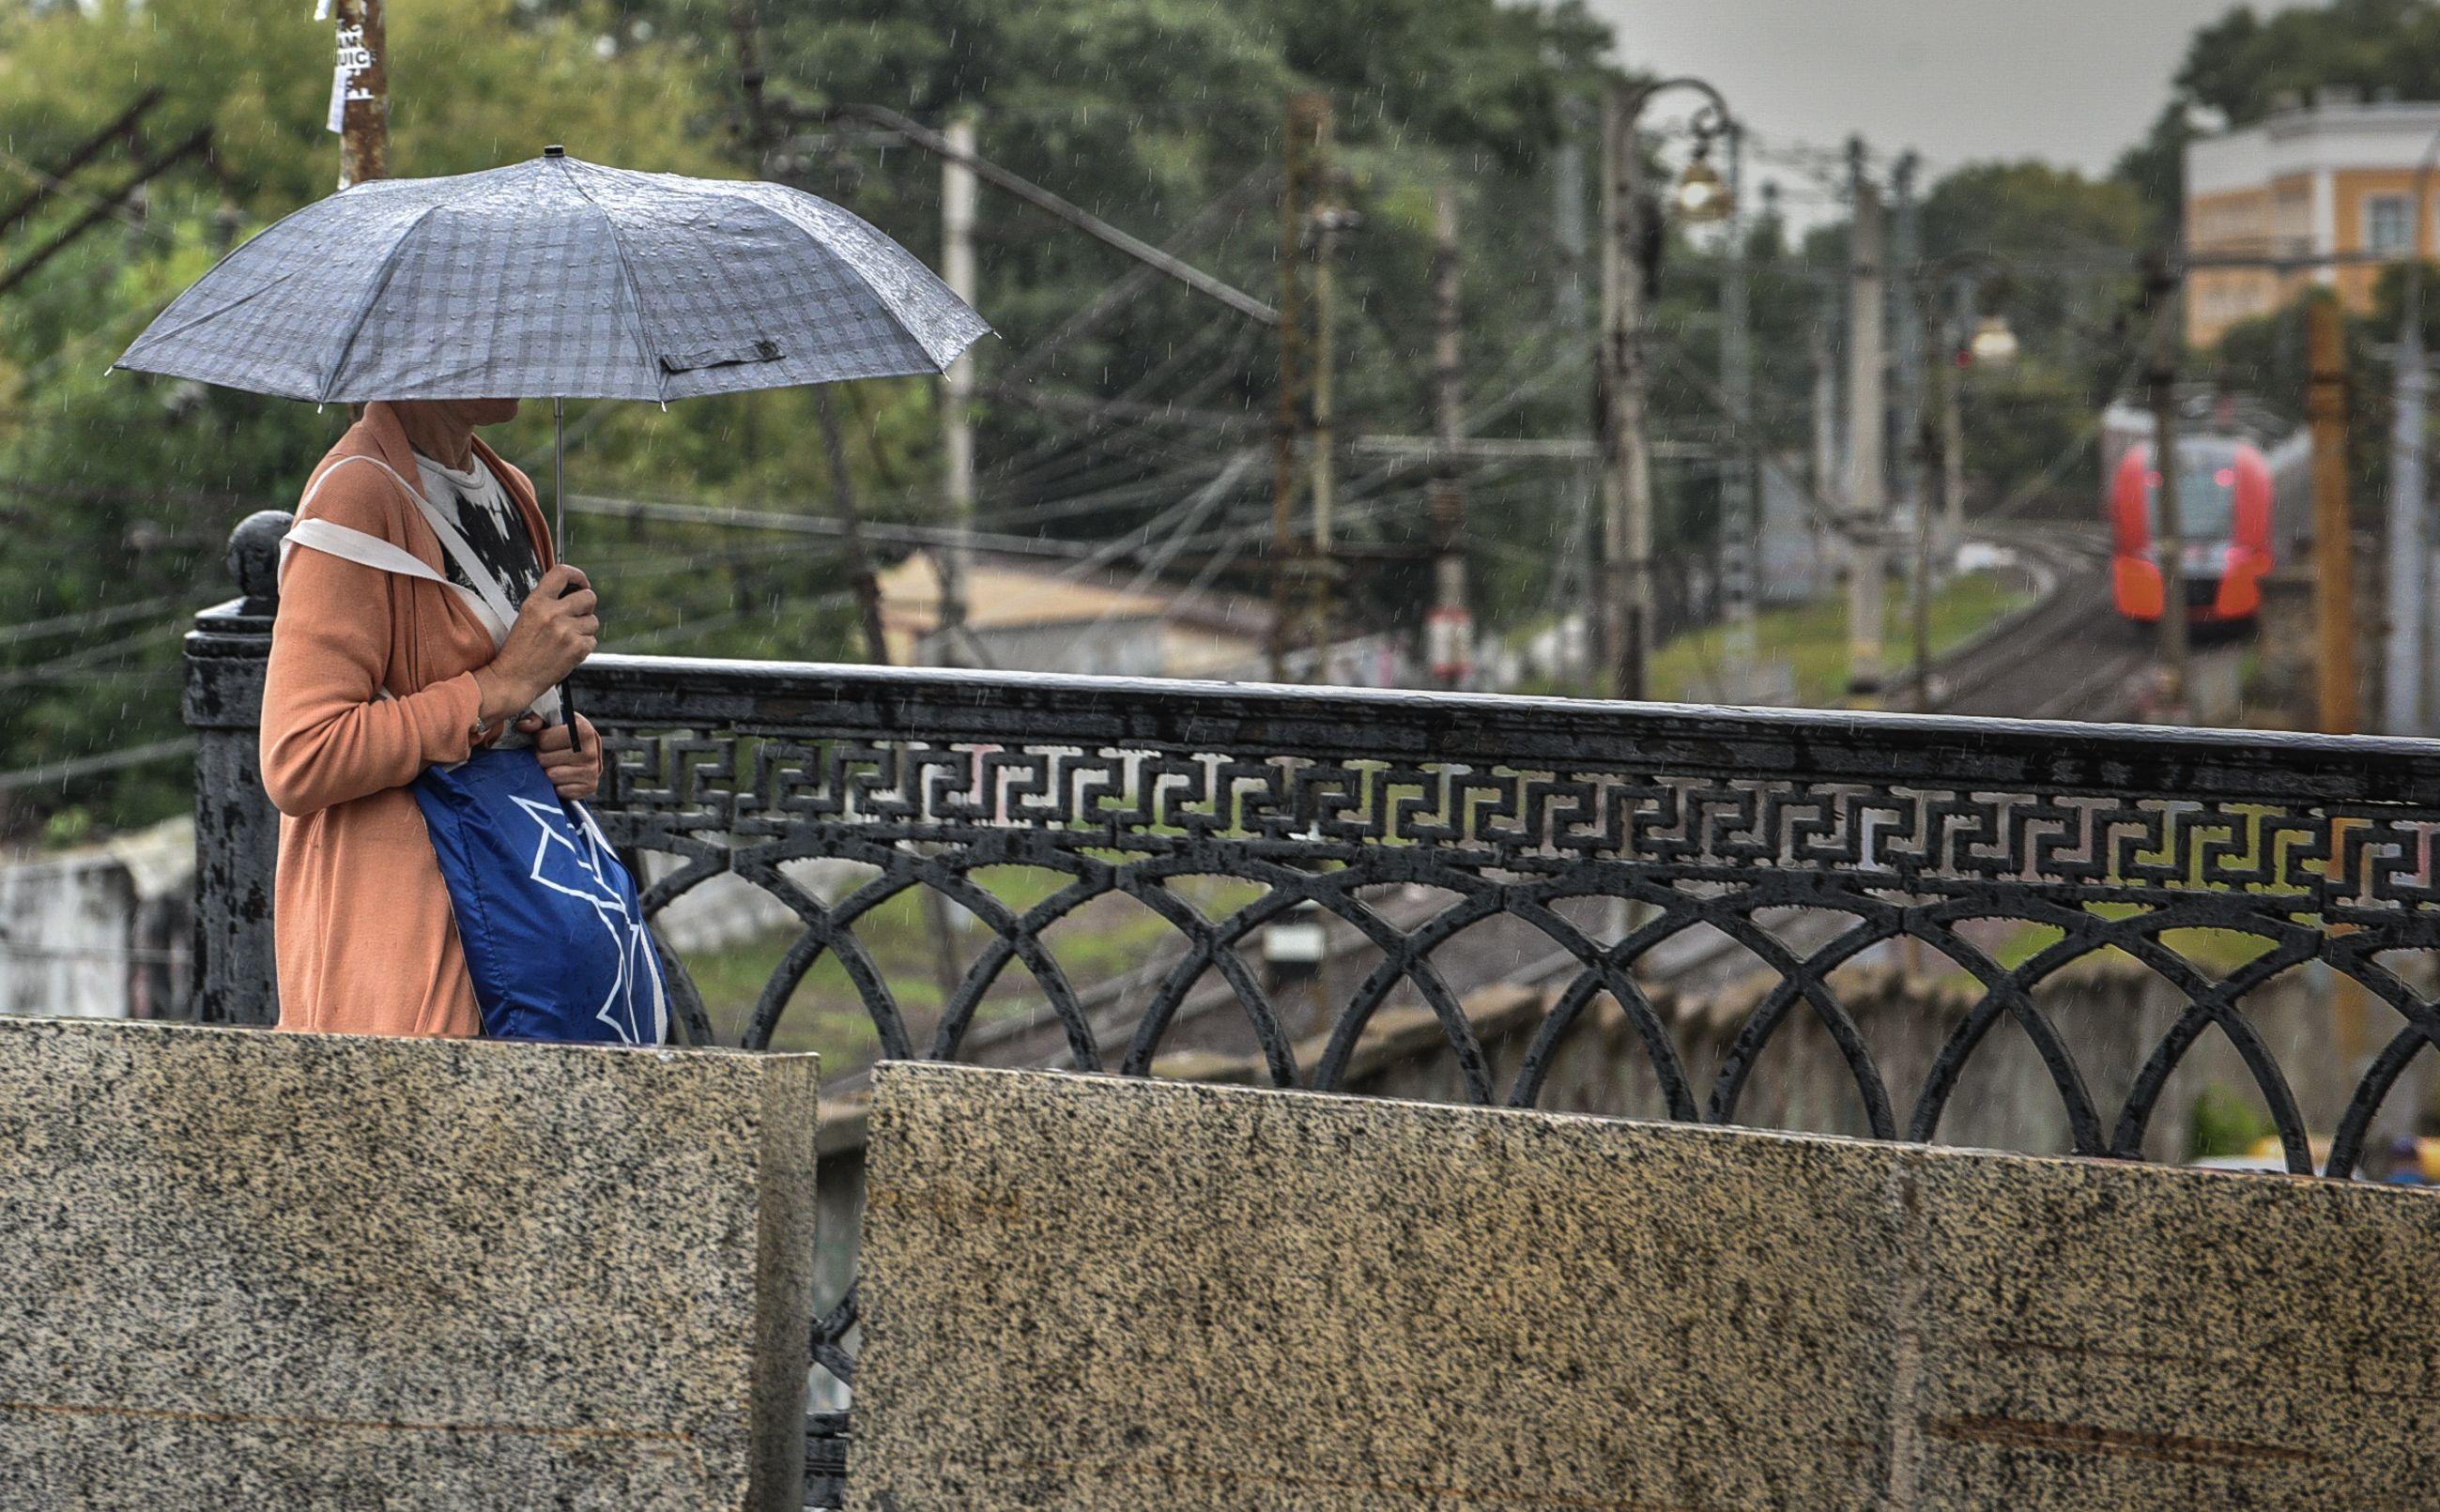 Погода в Москве обещает быть дождливой и холодной